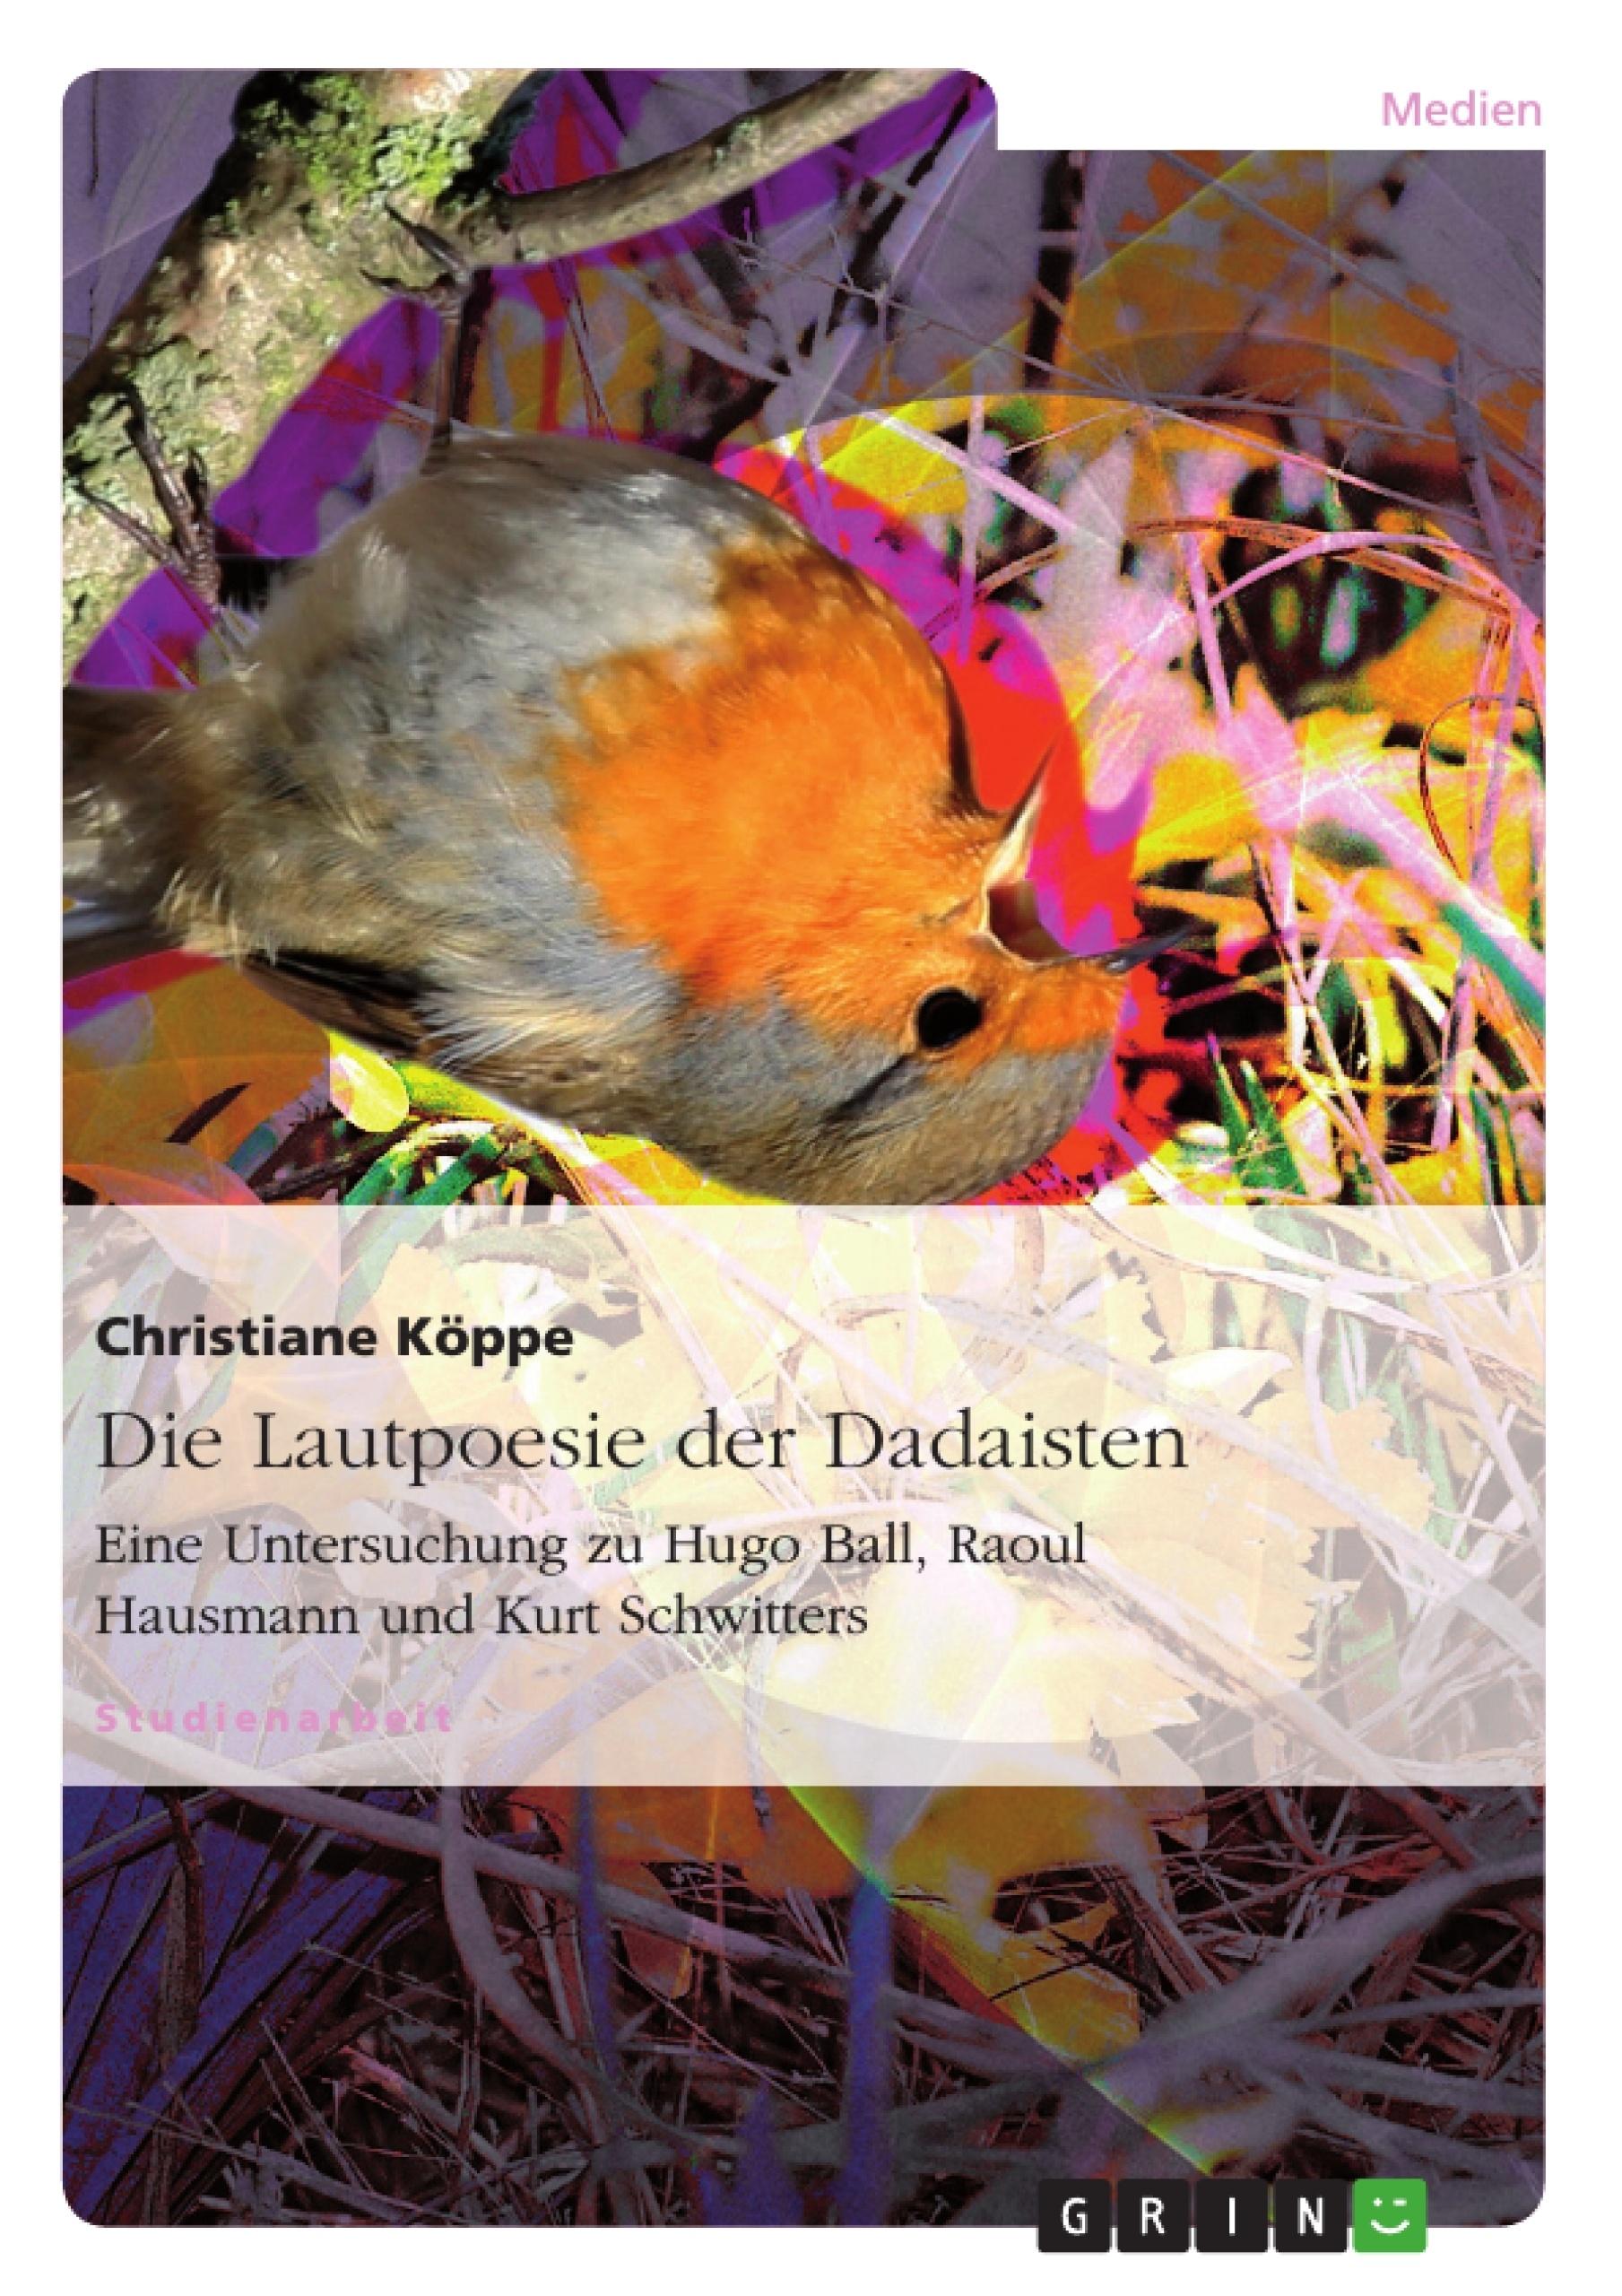 Titel: Die Lautpoesie der Dadaisten